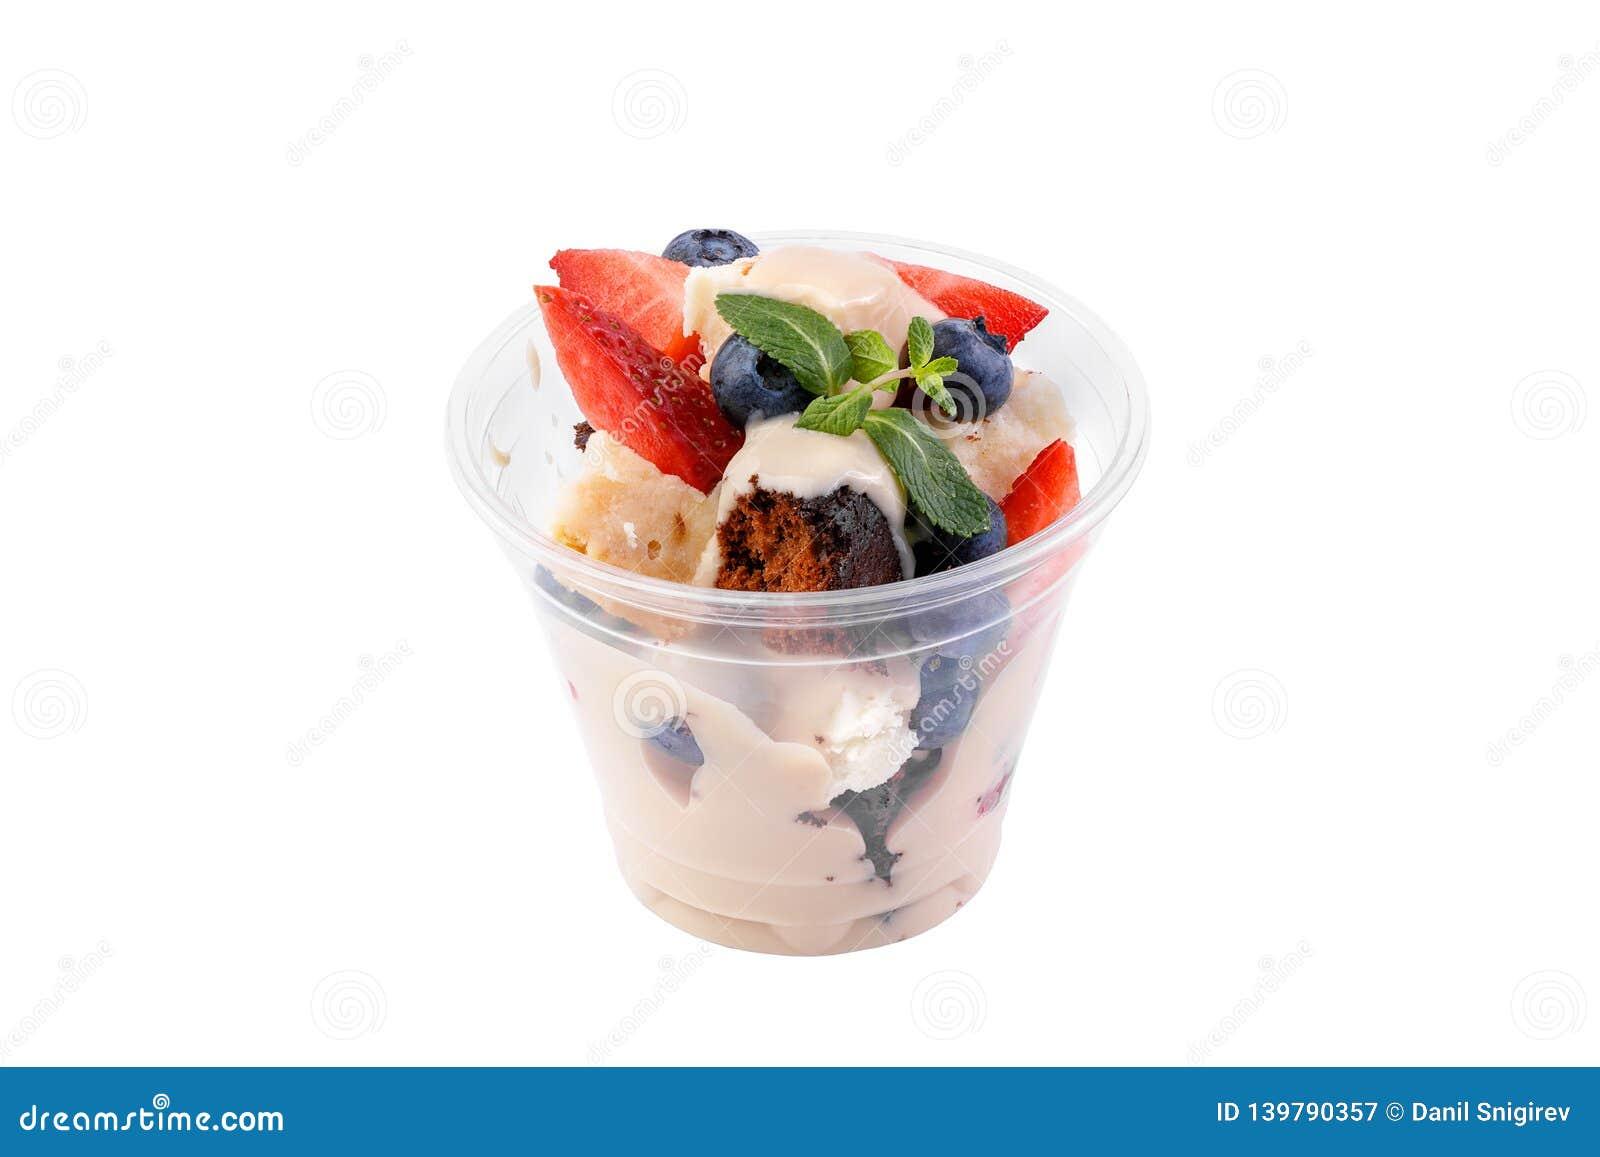 Zoet dessert met koekje, bessen en slagroom die op witte achtergrond wordt geïsoleerd Heerlijk die dessert wordt verfraaid met